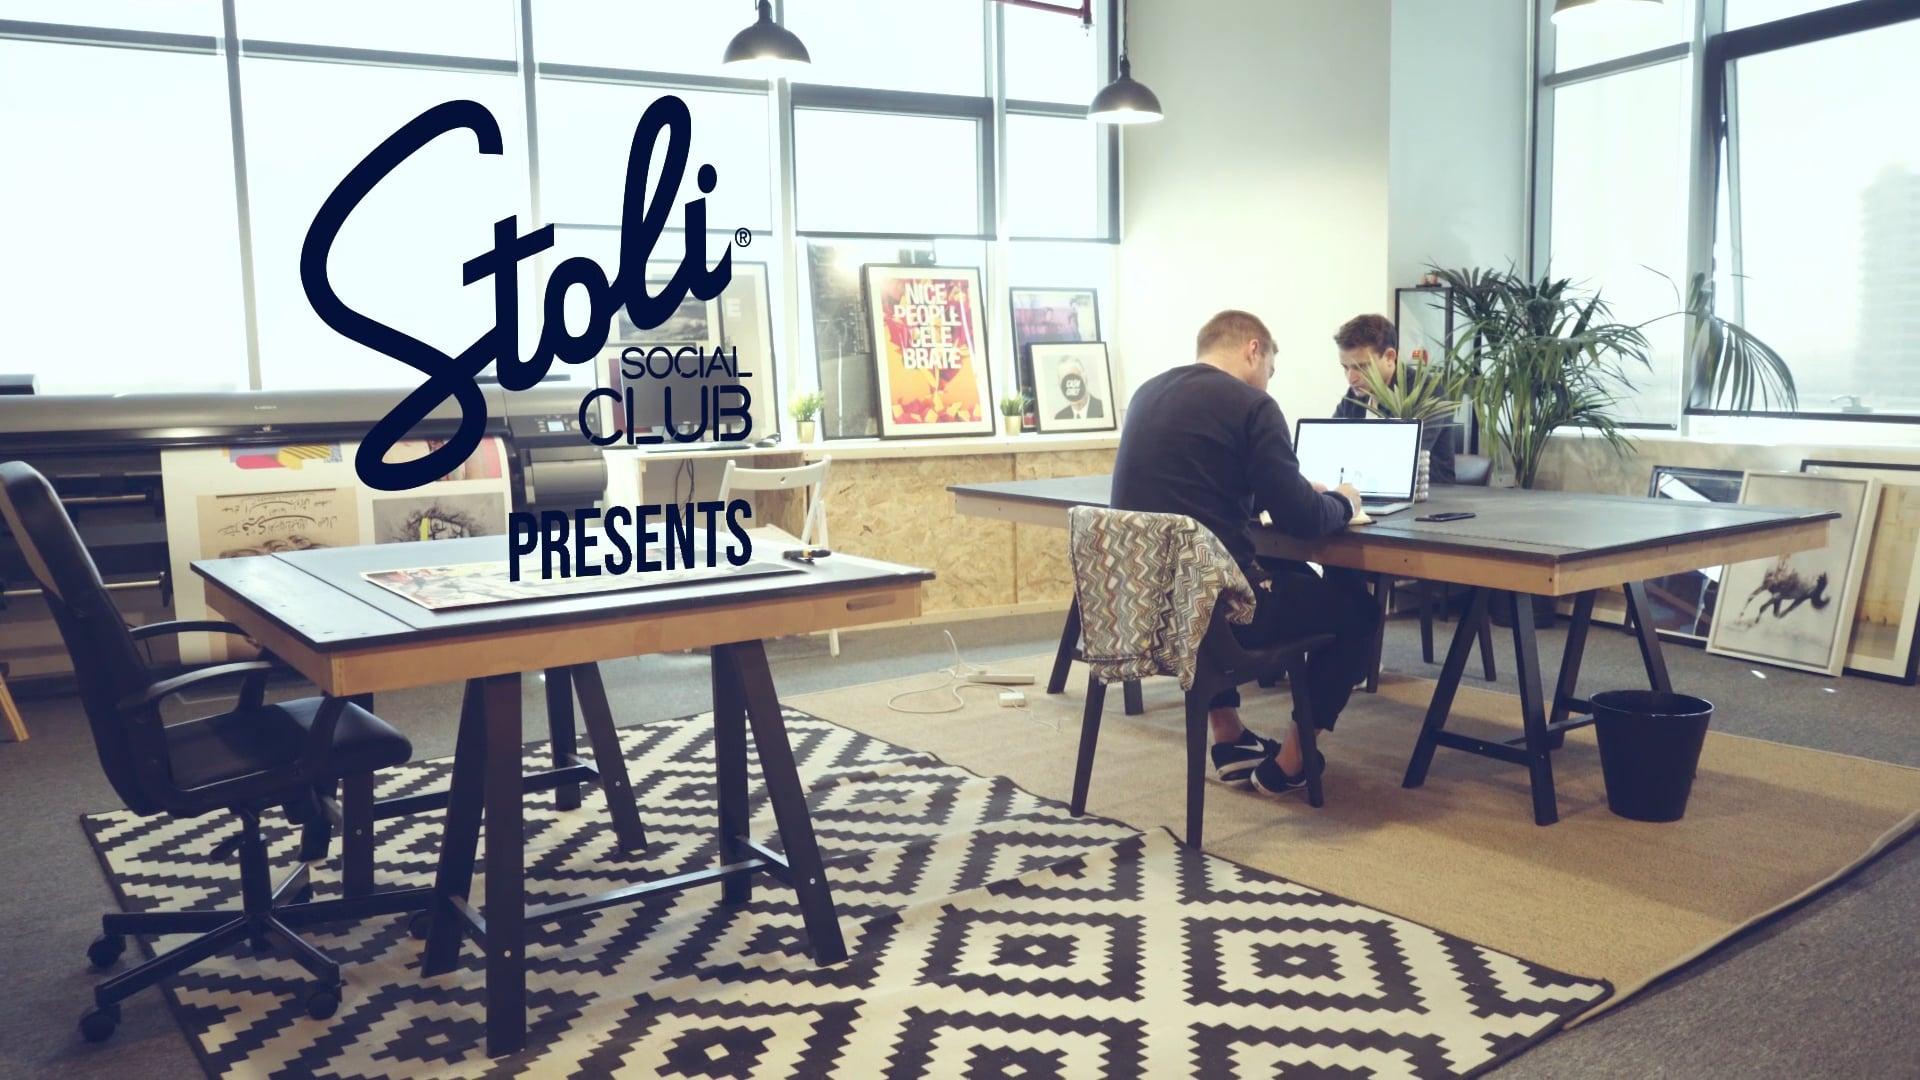 Stoli Social Club presents - Drawdeck